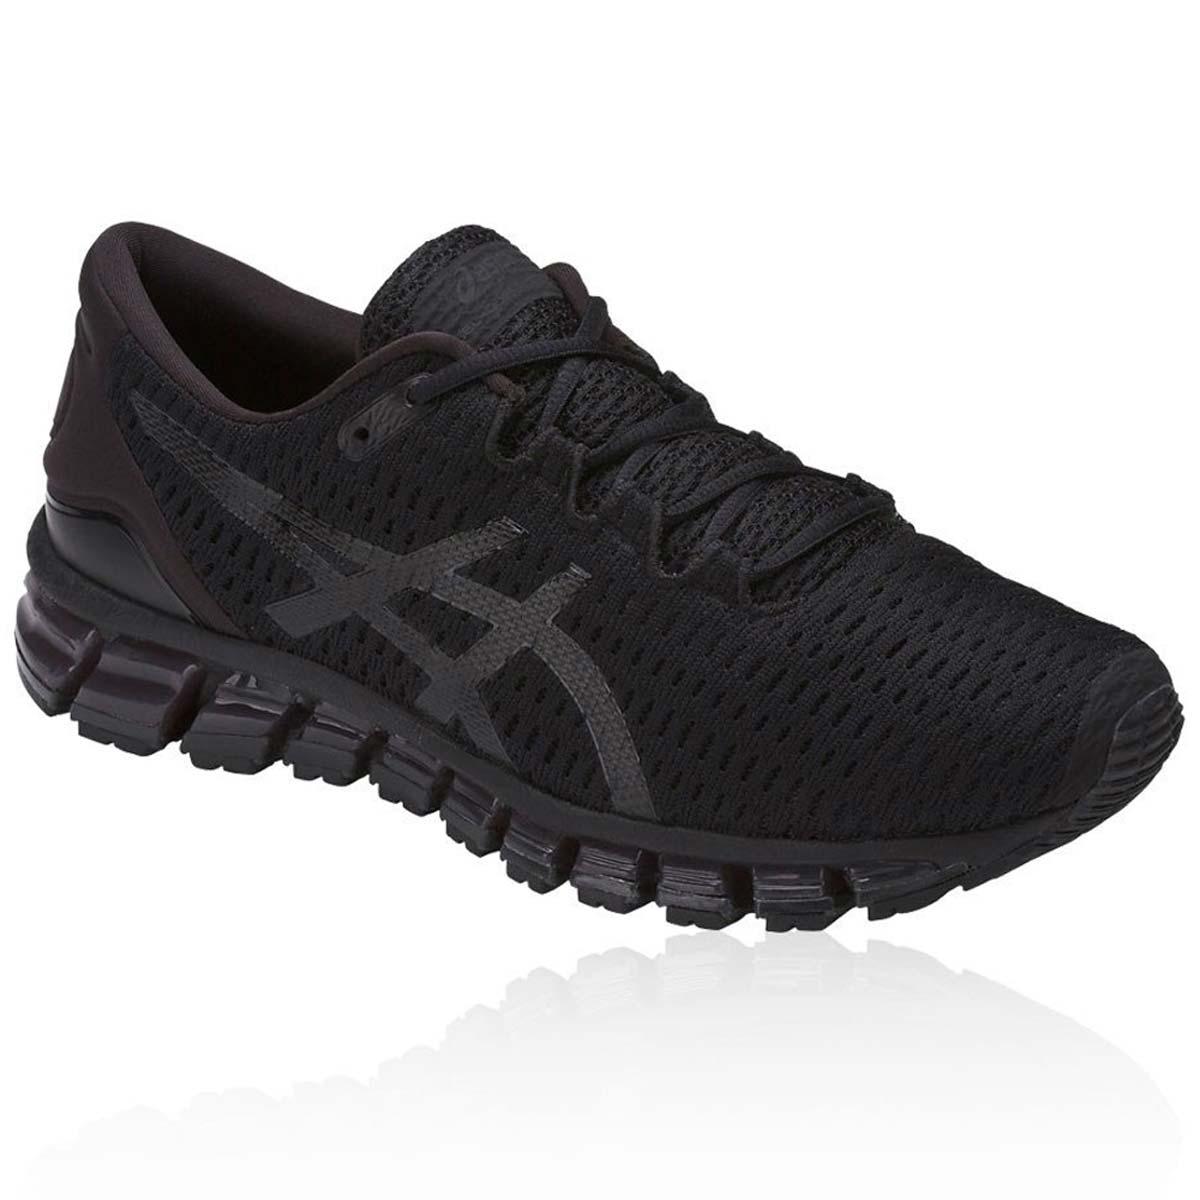 asics shoes india